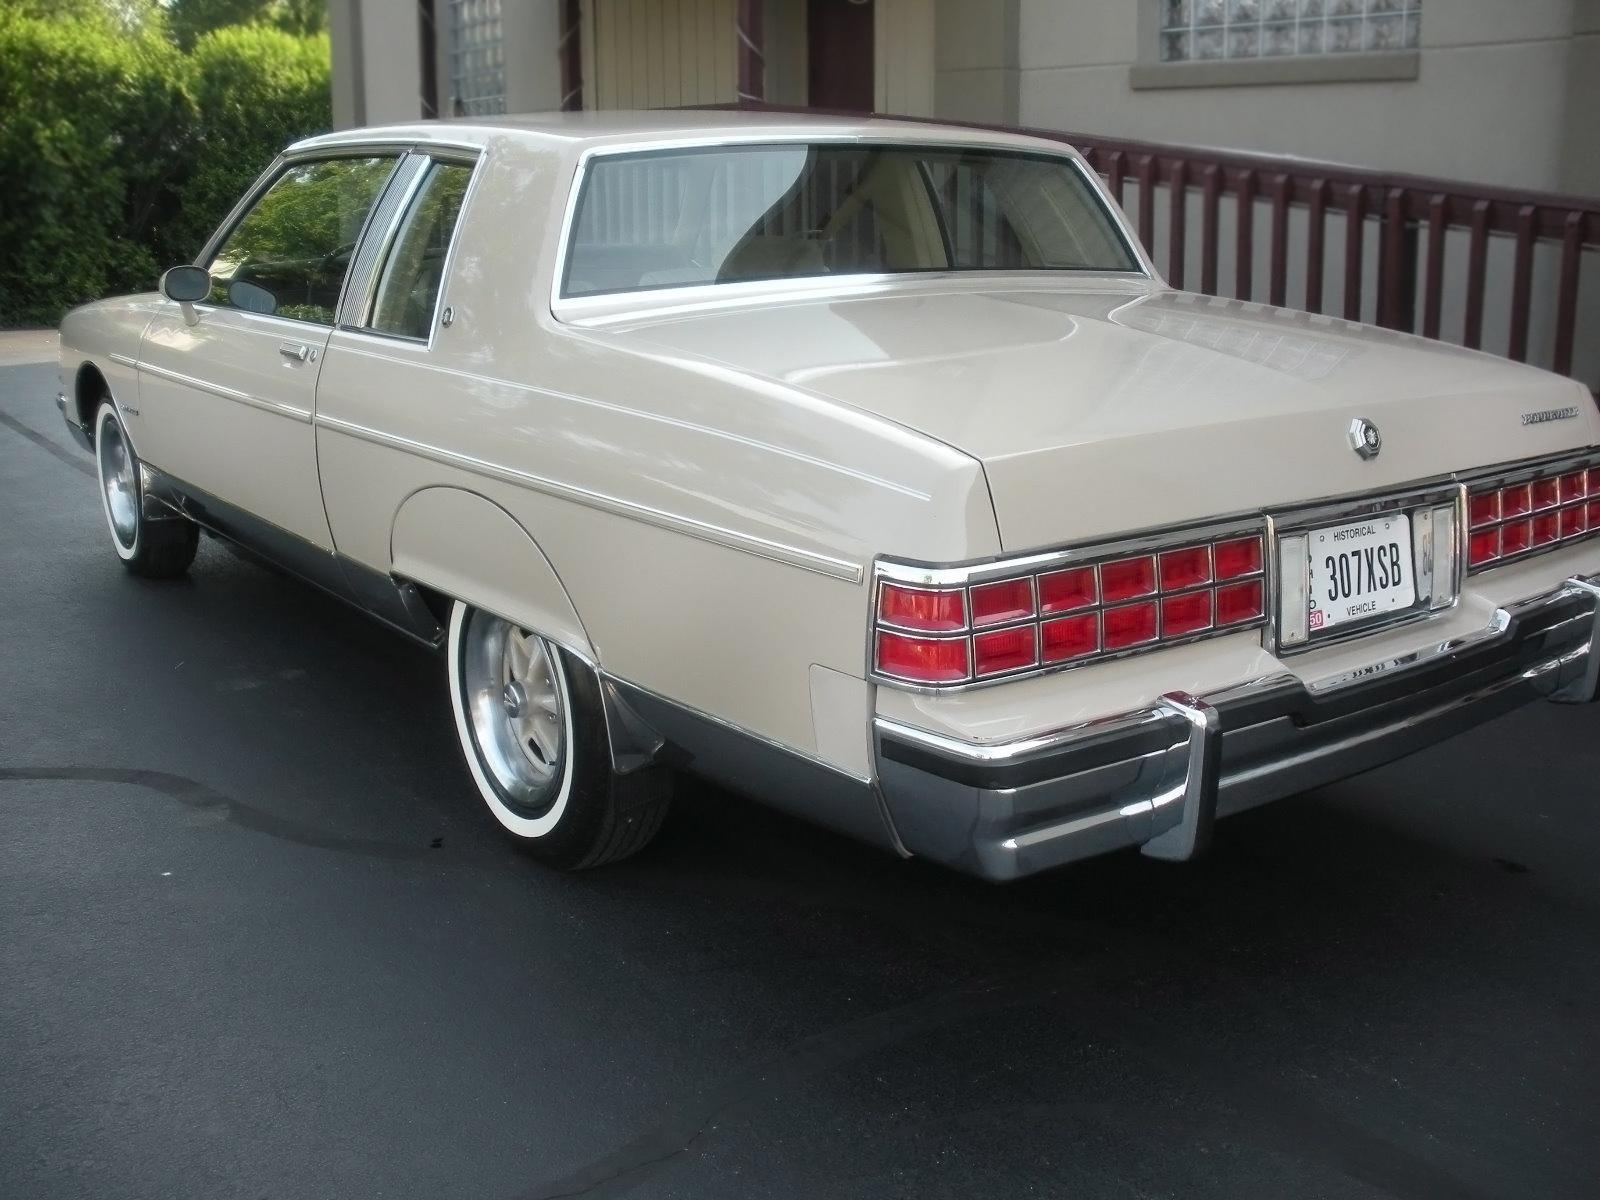 9 072 Original Miles 1981 Pontiac Bonneville